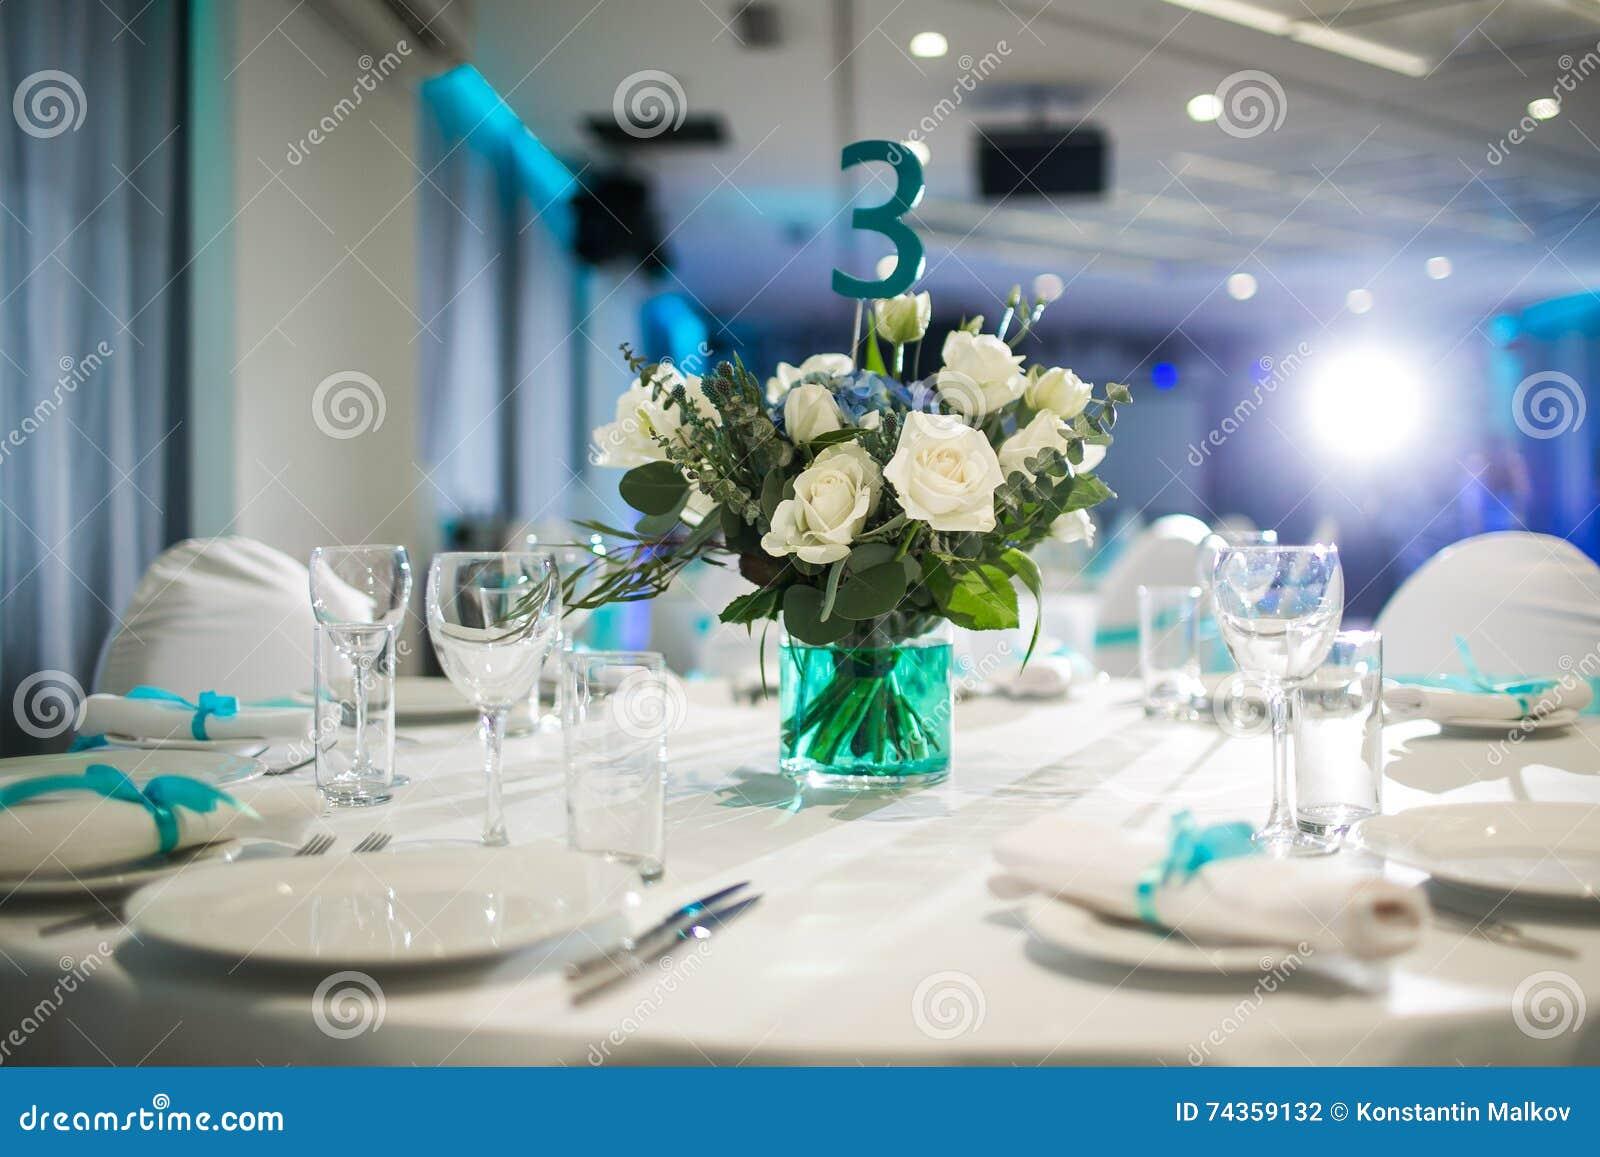 Evento meravigliosamente organizzato - tavole di banchetto servite pronte per gli ospiti